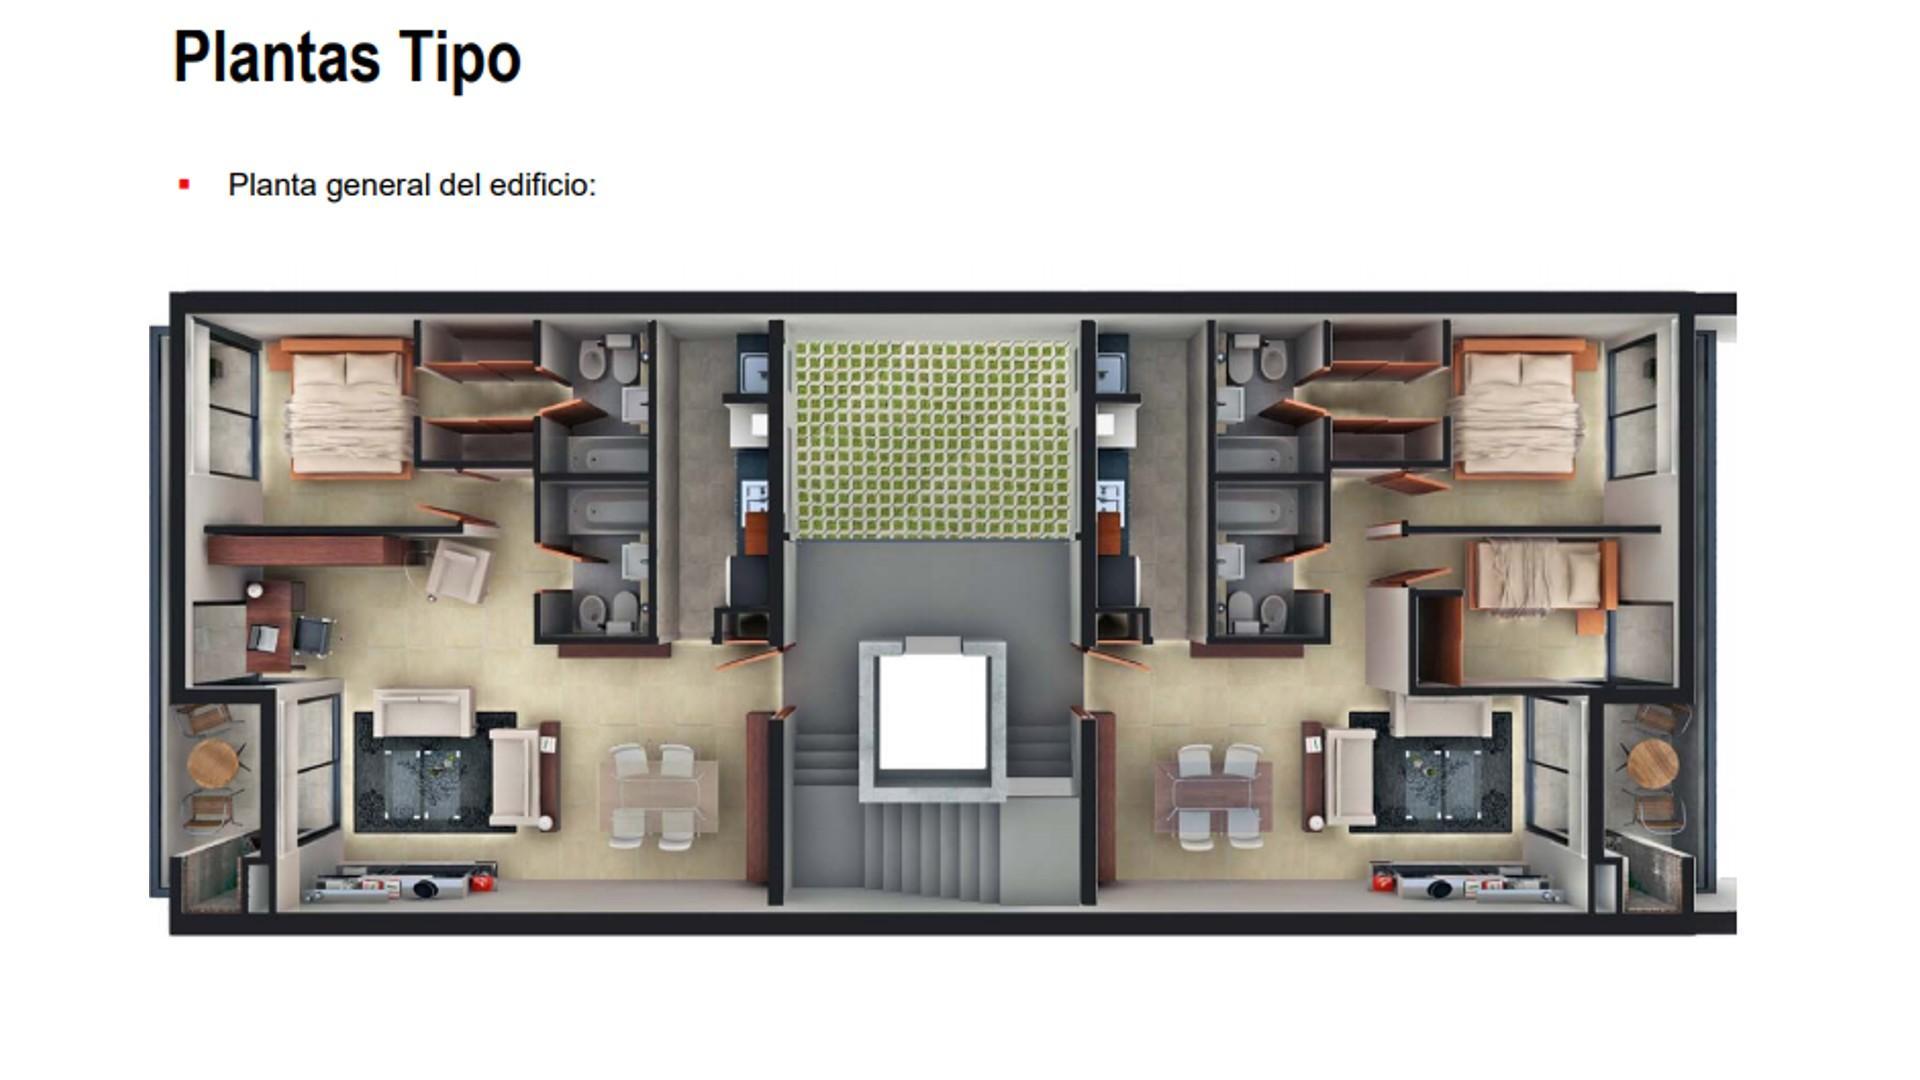 Departamento en pozo de 2 ambientes con balcón y parrilla. Financiación en 18 meses.